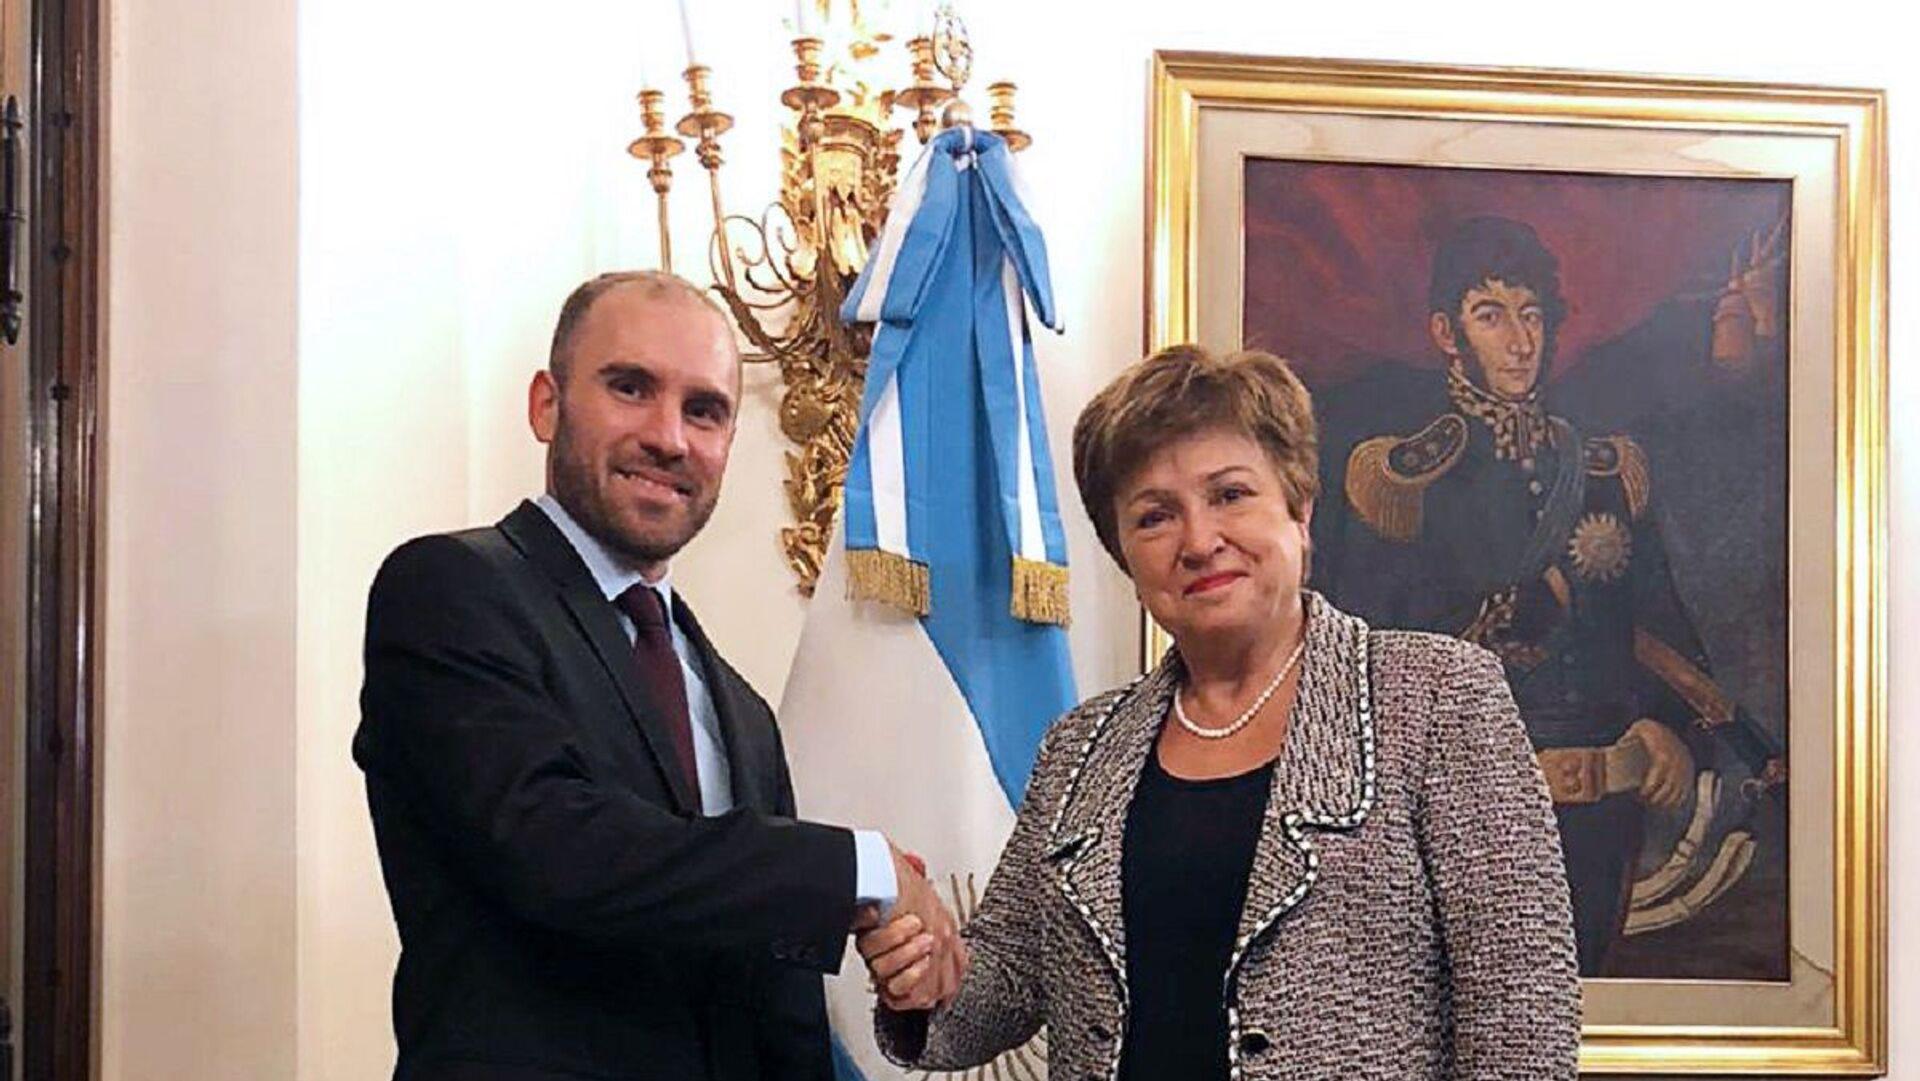 El ministro de Economía Martín Guzmán en reunión con la Directora Gerente del Fondo Monetario Internacional (FMI), Kristalina Georgieva - Sputnik Mundo, 1920, 11.03.2021